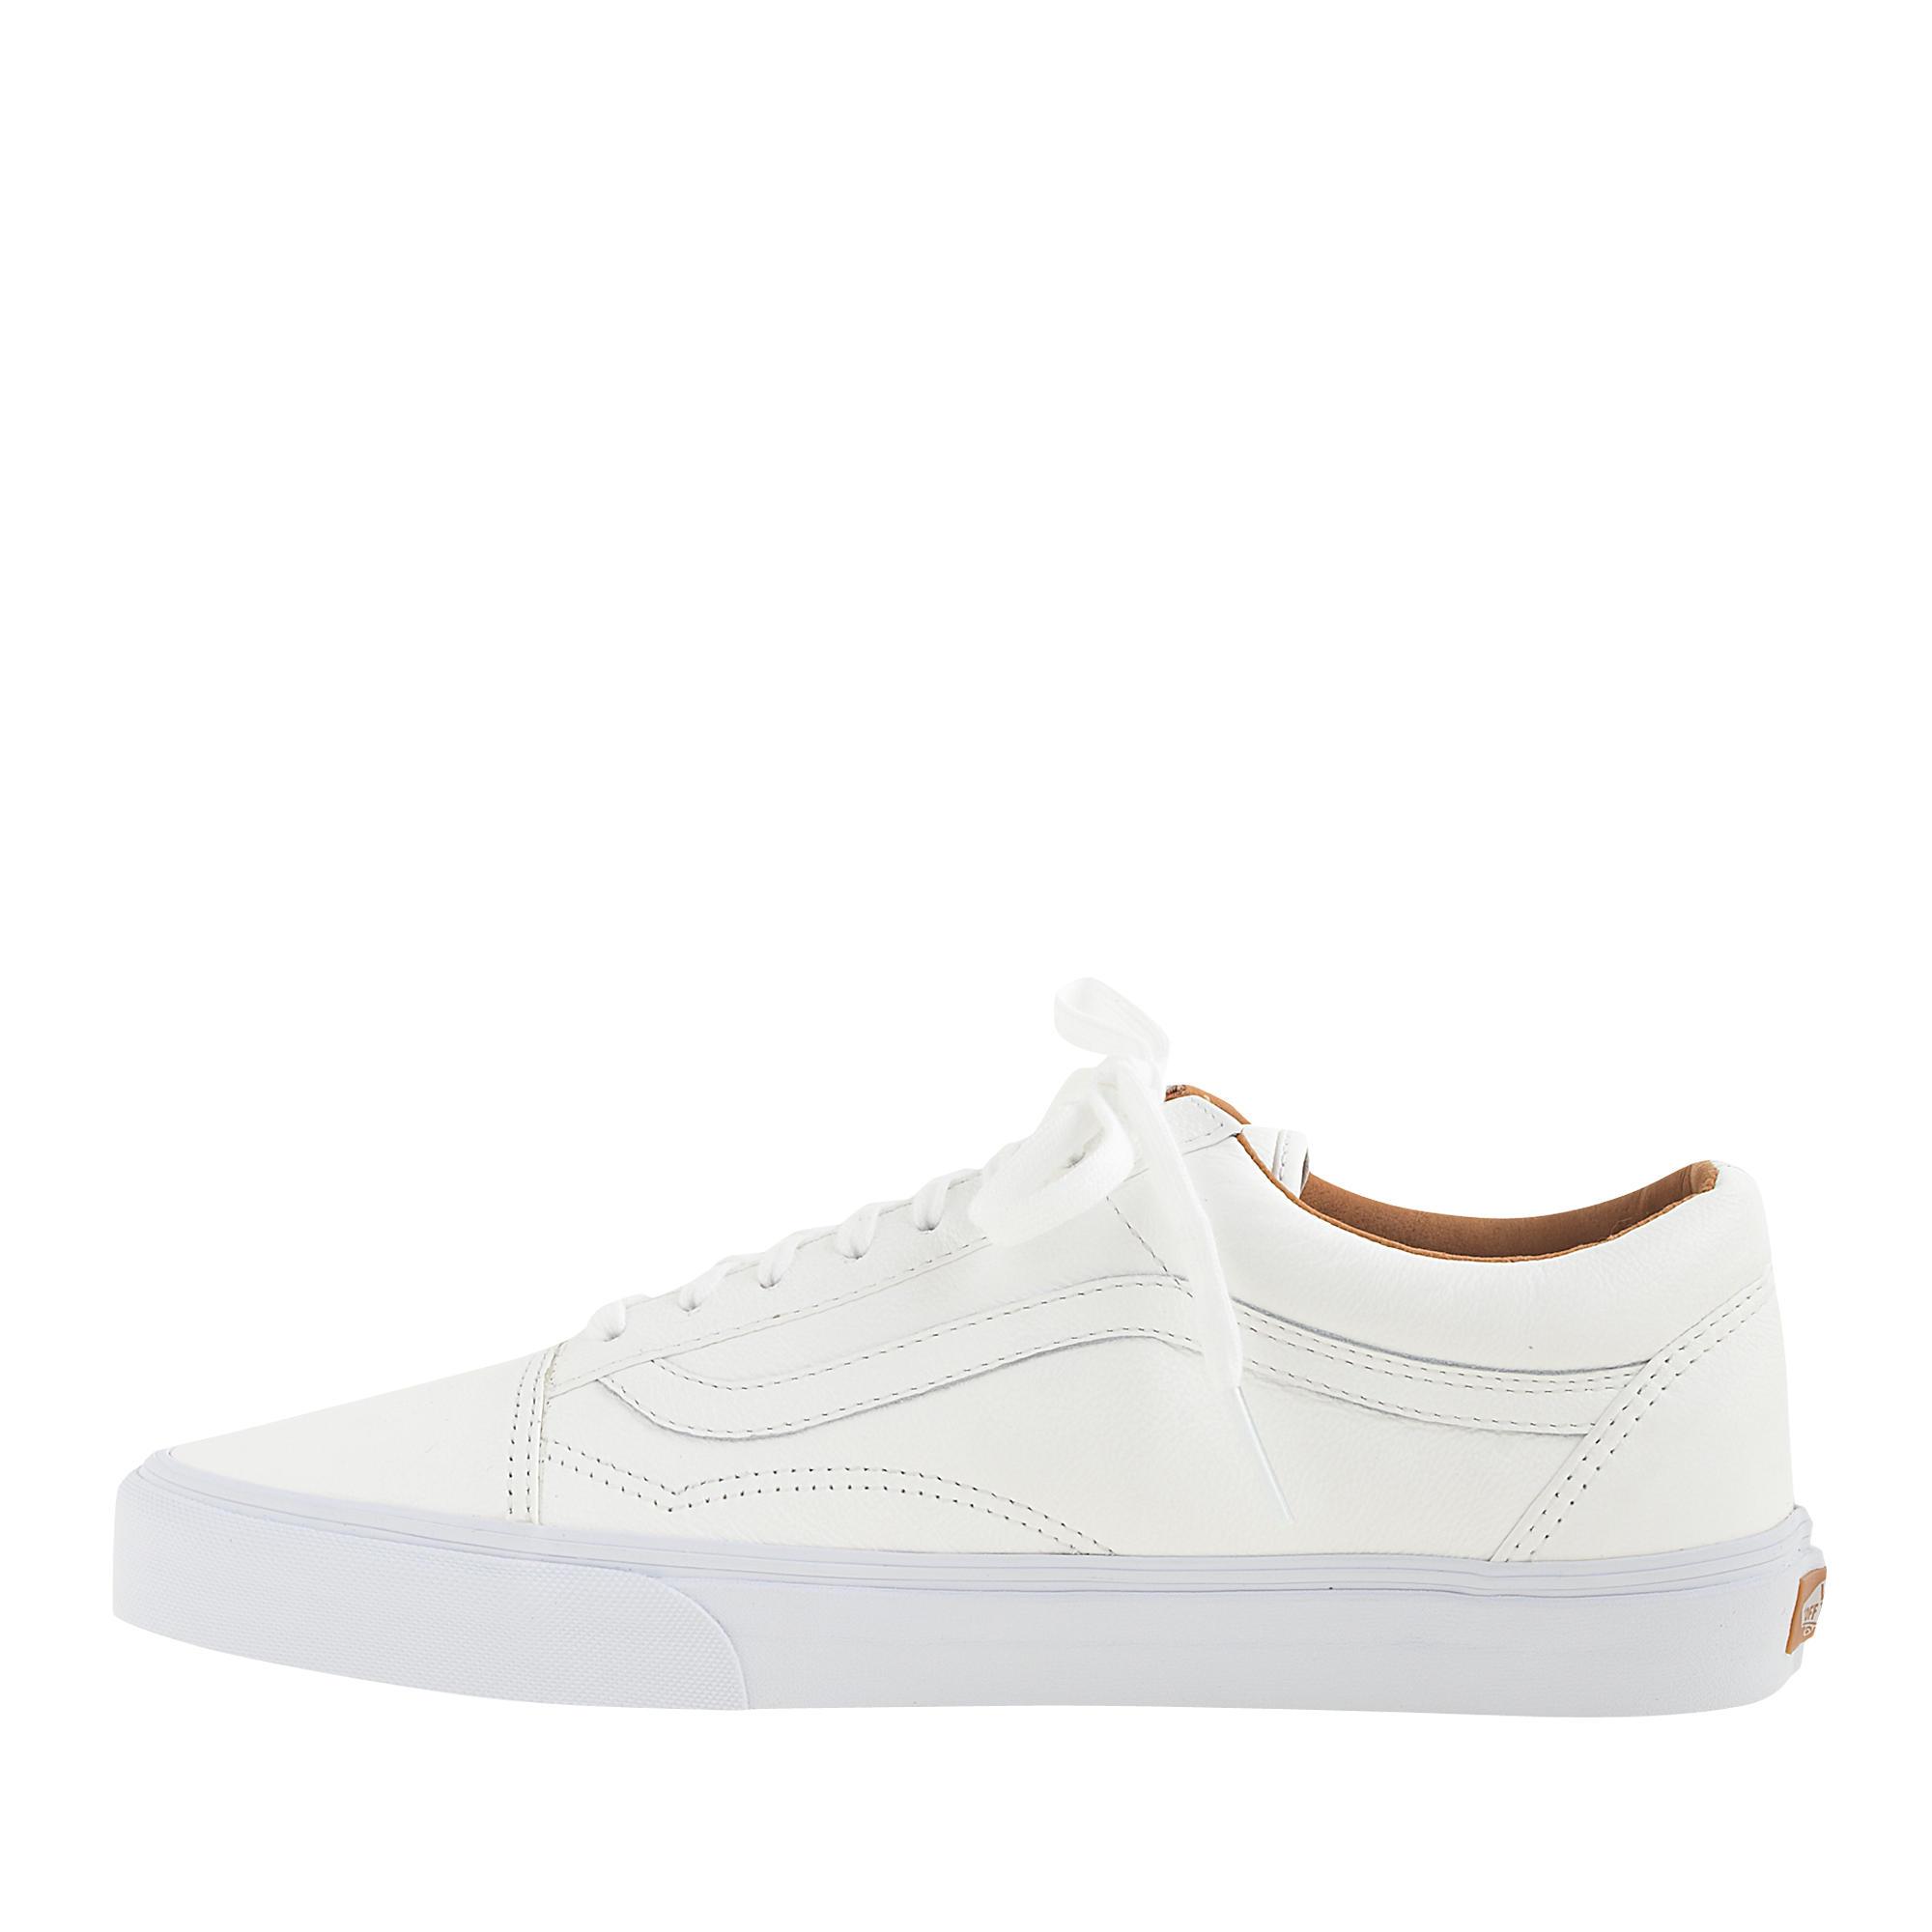 Lyst - J.Crew Unisex Vans® Old Skool Leather Sneakers in White for Men df7ba47e9b